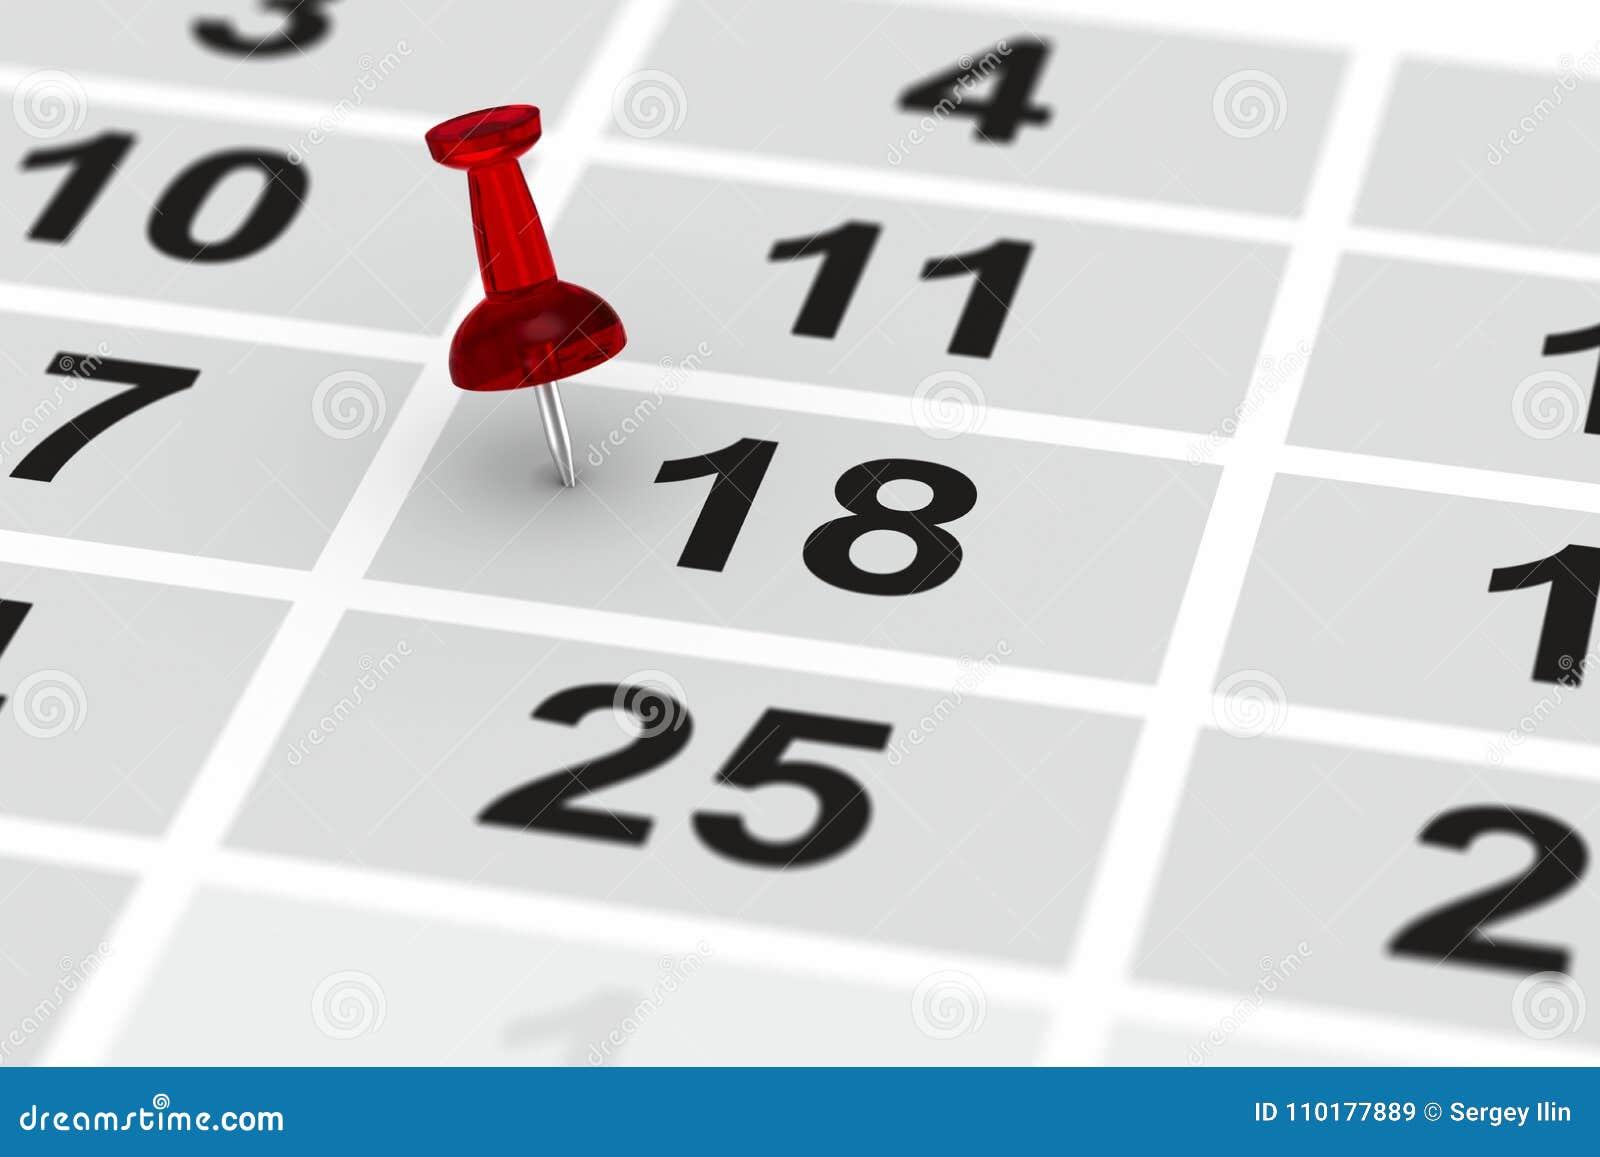 Marca Calendario.Perno Rojo Que Marca Dia Importante En Calendario Ilustracion 3d